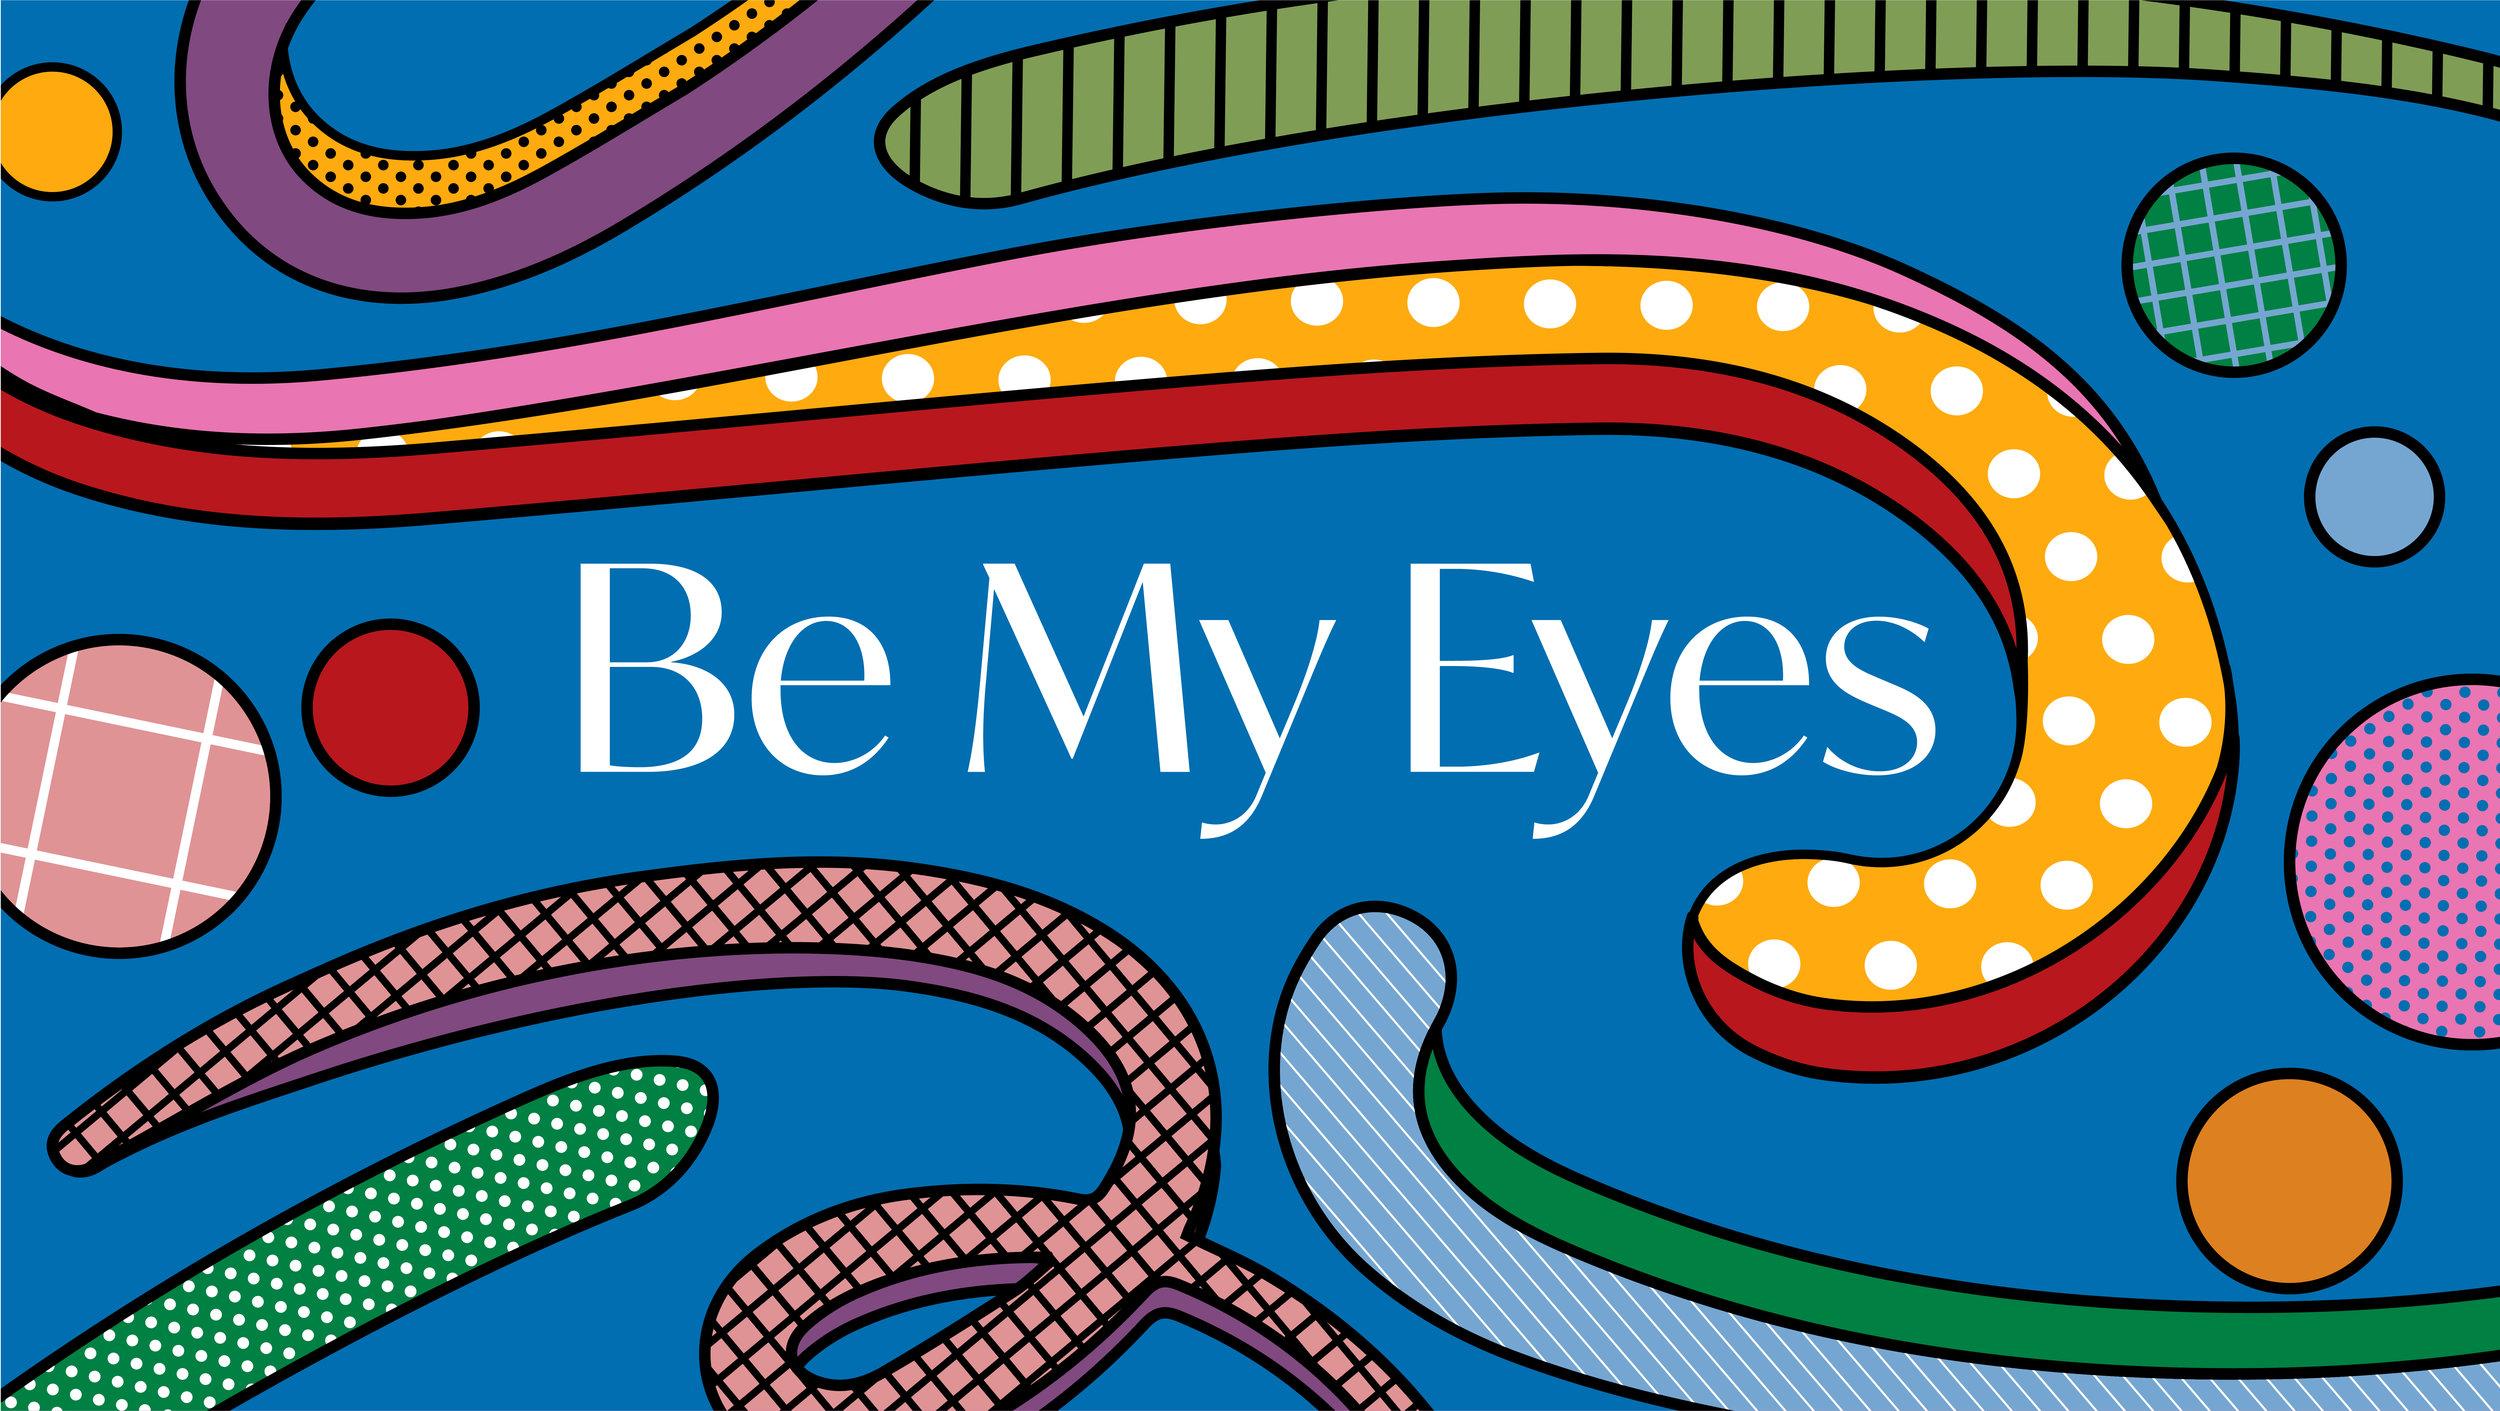 Be-My-Eyes-Website-indivi-01.jpg